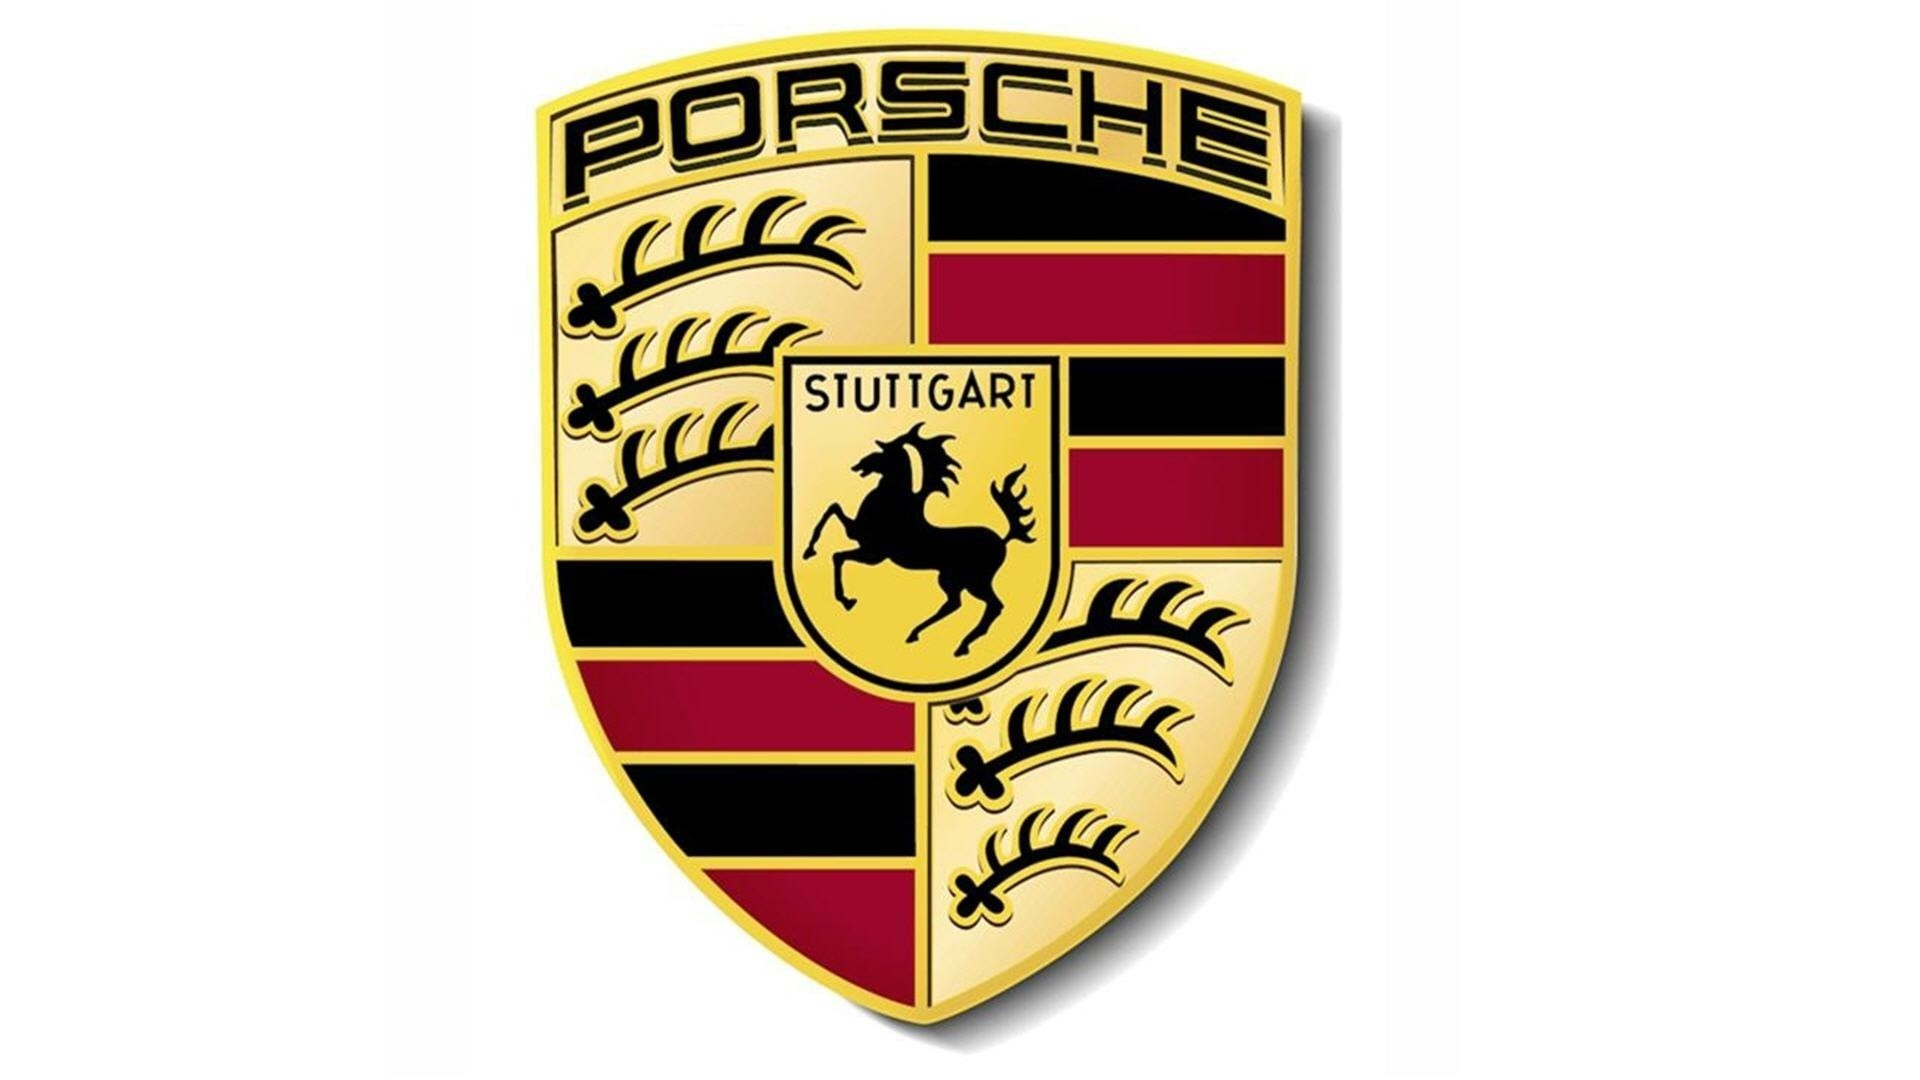 1920x1200 2012 TECHART Porsche 911 3